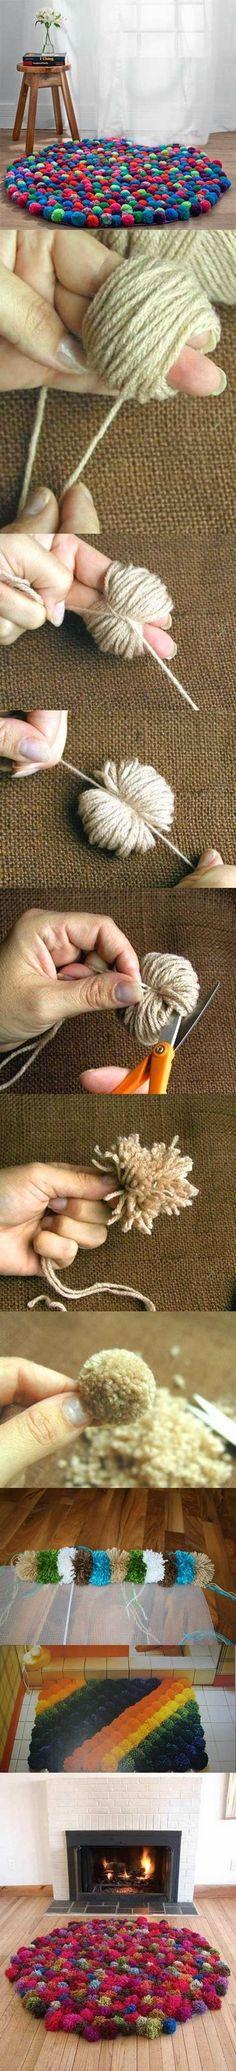 DIY Unusual Pom Pom Floor Mat DIY Unusual Pom Pom Floor Mat - neither knitt or crochet, but involves yarn ; Yarn Crafts, Home Crafts, Diy And Crafts, Arts And Crafts, Diy Projects To Try, Craft Projects, Sewing Projects, Knitting Projects, Project Ideas